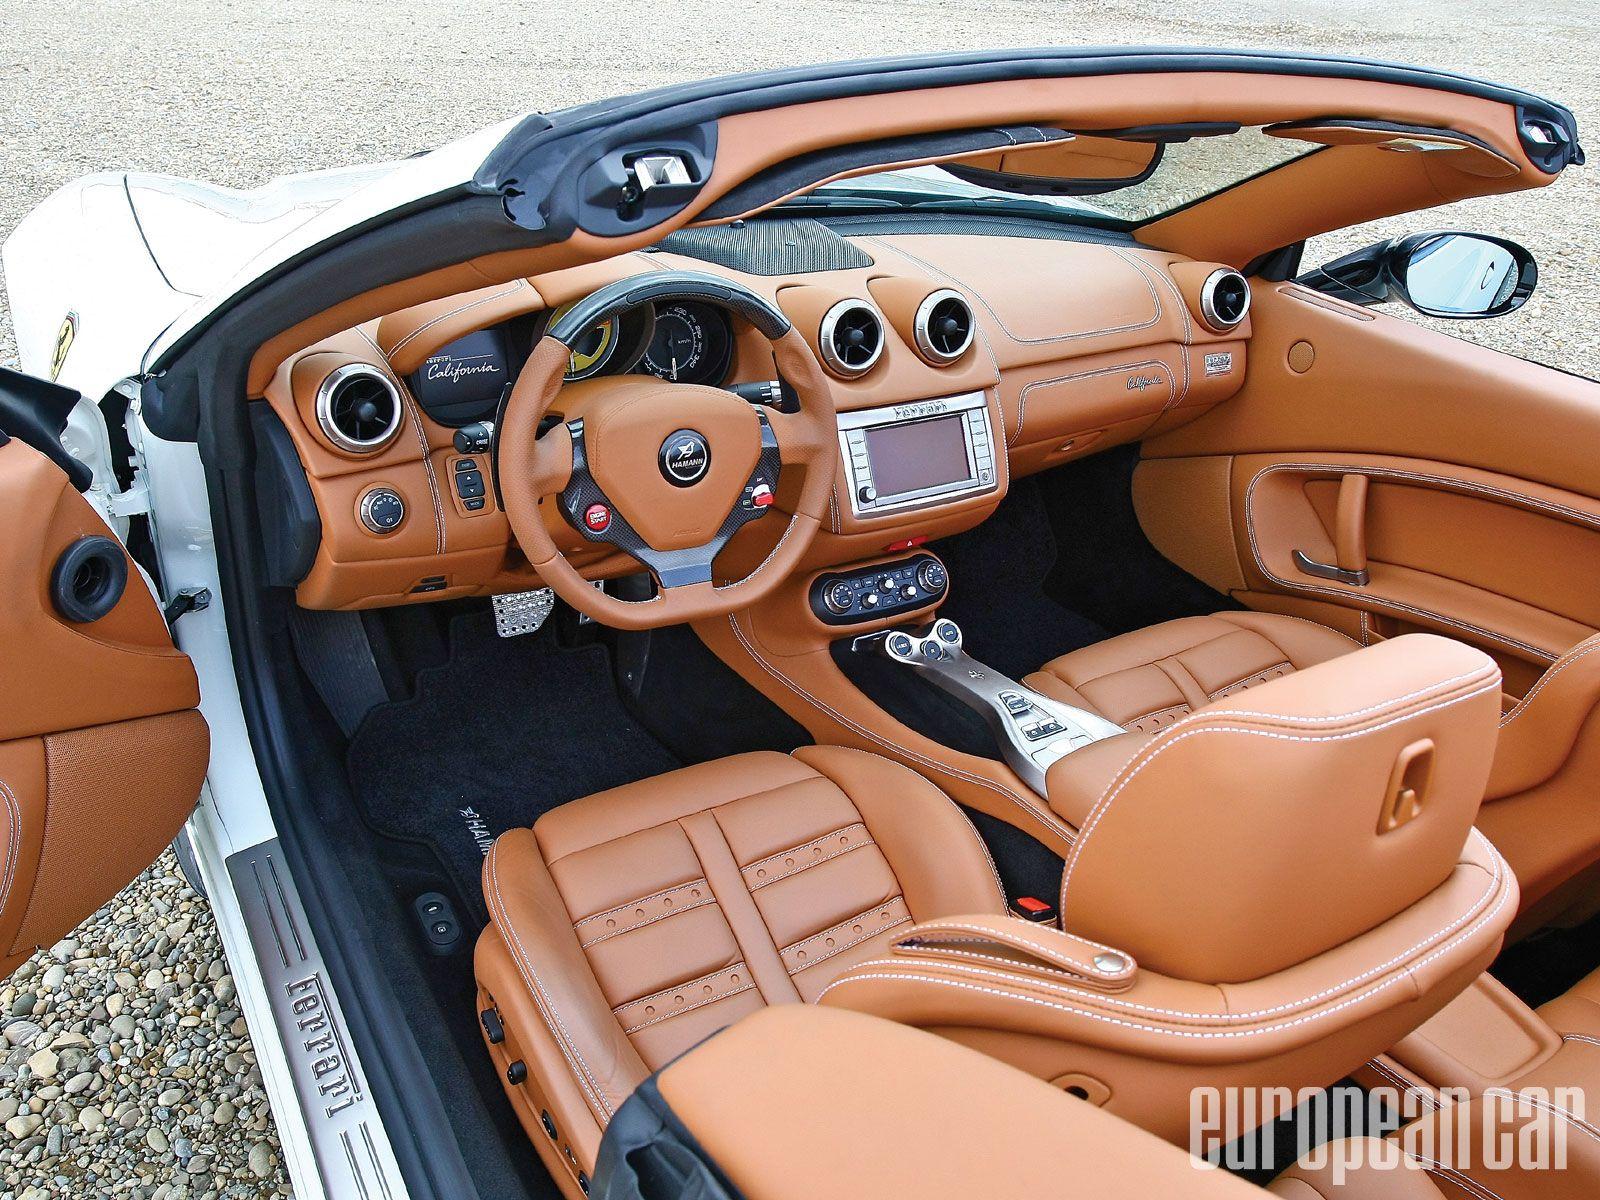 Ferrari California interior #10 | Ferrari California | Pinterest ...